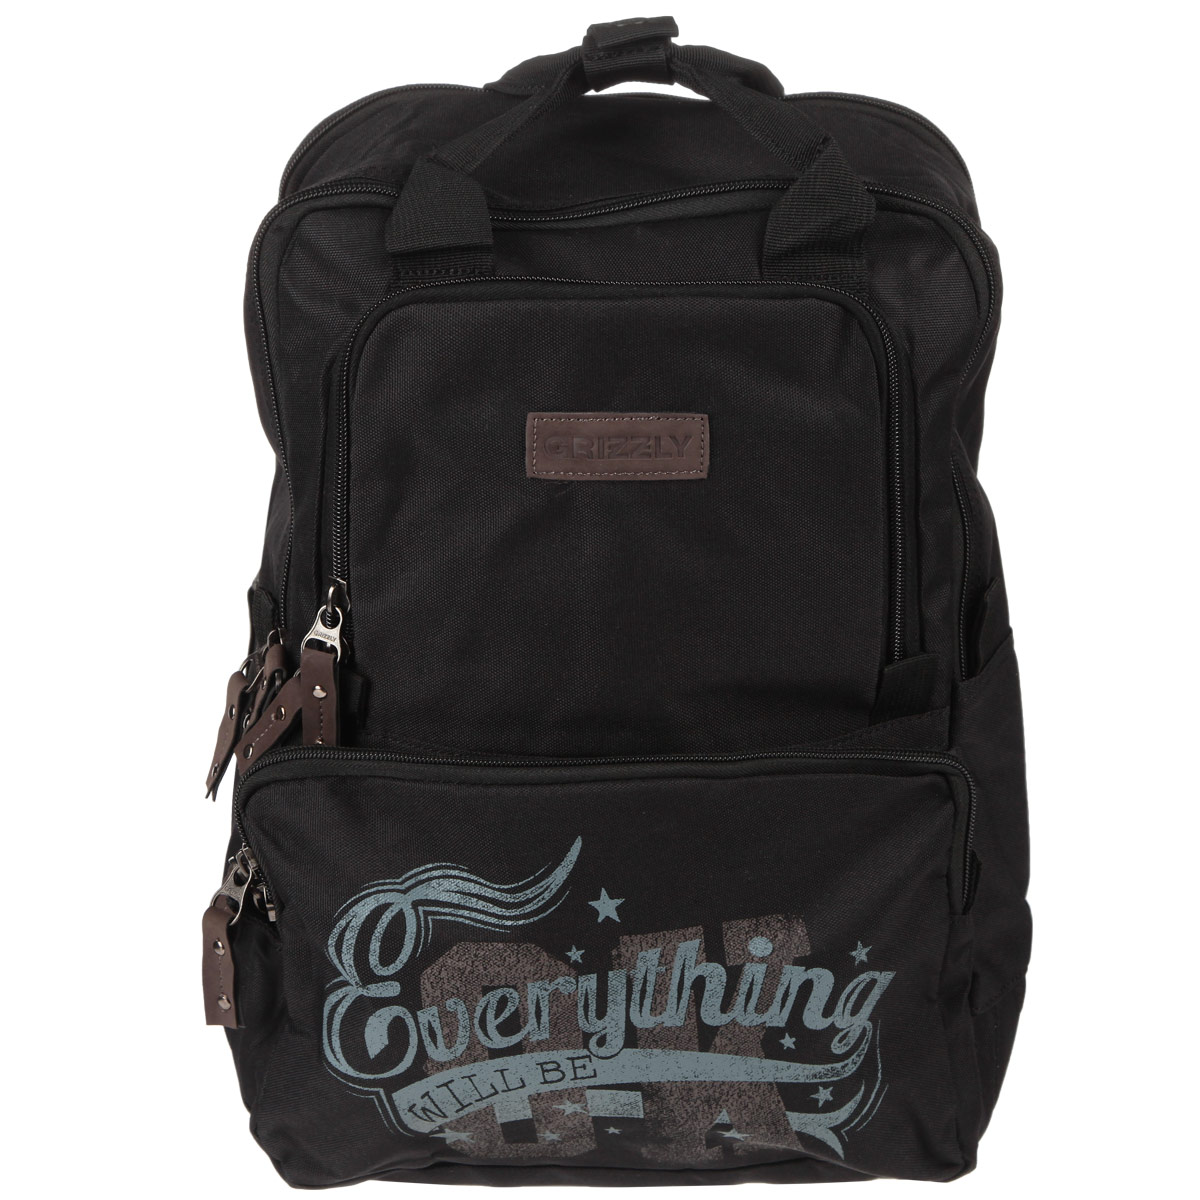 Школьный ранец Grizzly, цвет: салатовый, черный. RU-513-1/285314Молодежный рюкзак с двумя отделениями,одно из которых под ноутбук,закрывающихся на молнию.На передней стенке два объемных кармана,в одном из которых имеется карман-органайзер.Рюкзак также имеет внутренний карман для документов,укрепленные дно,лямки и спинку,две ручки для переноски,скрепляемые кнопкой.